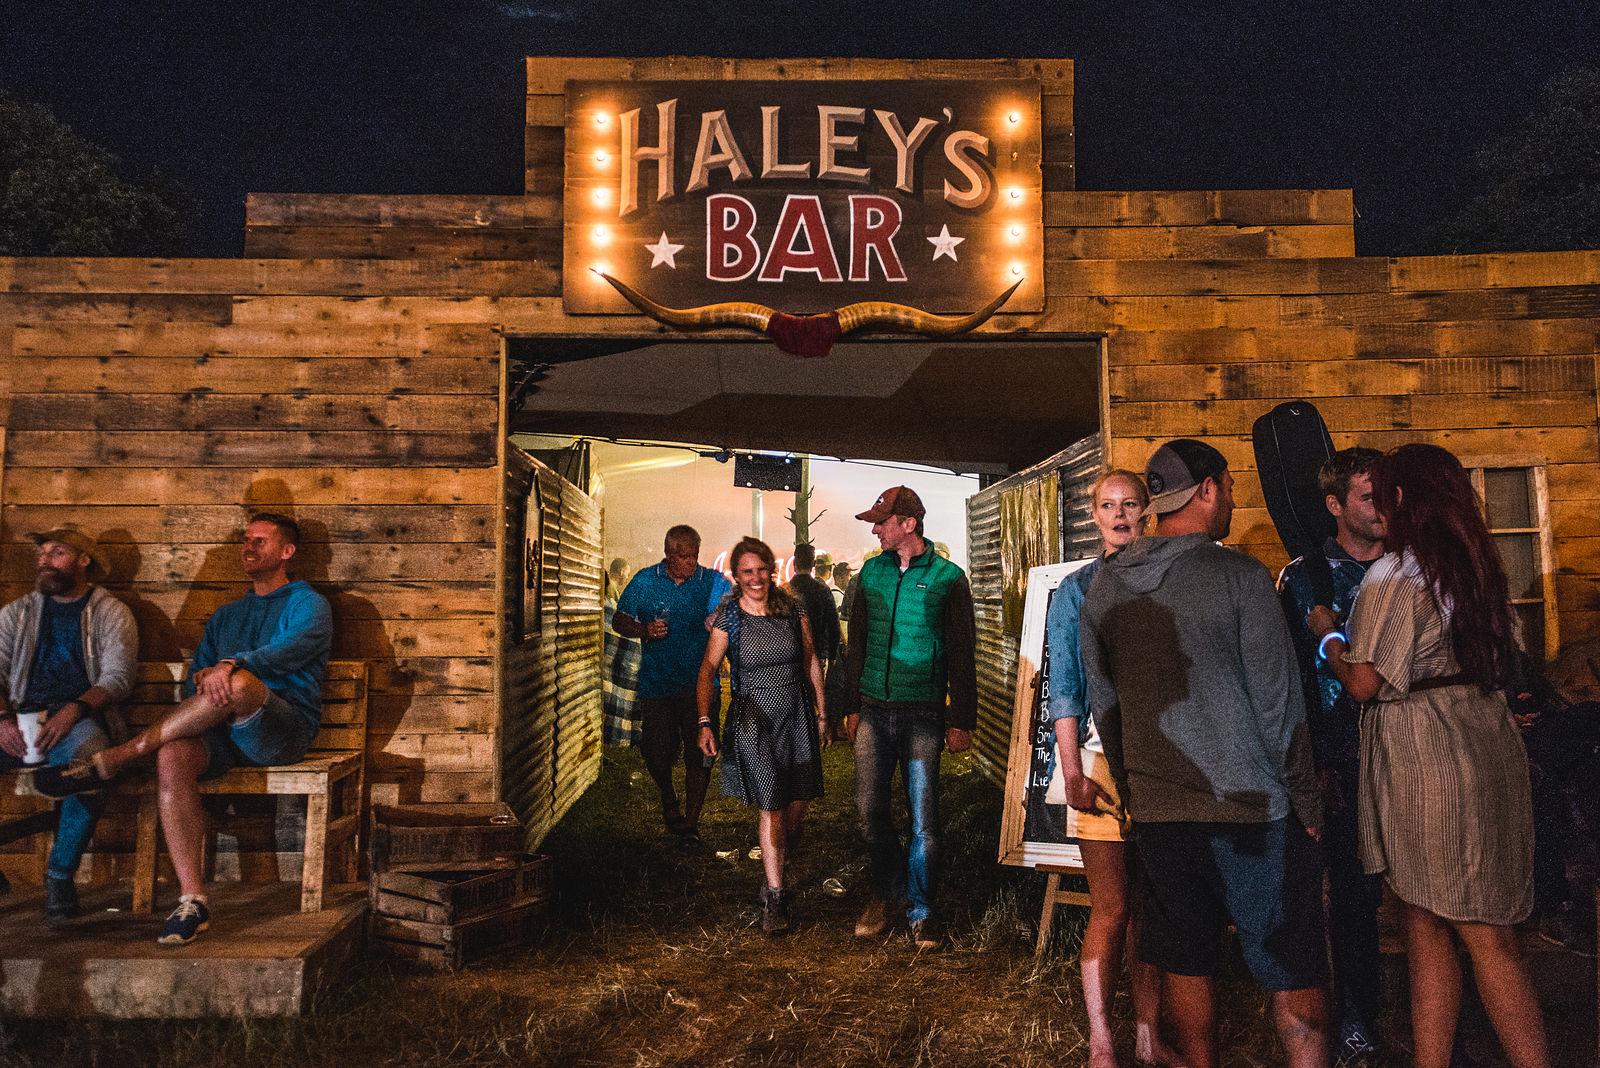 Haley's Bar